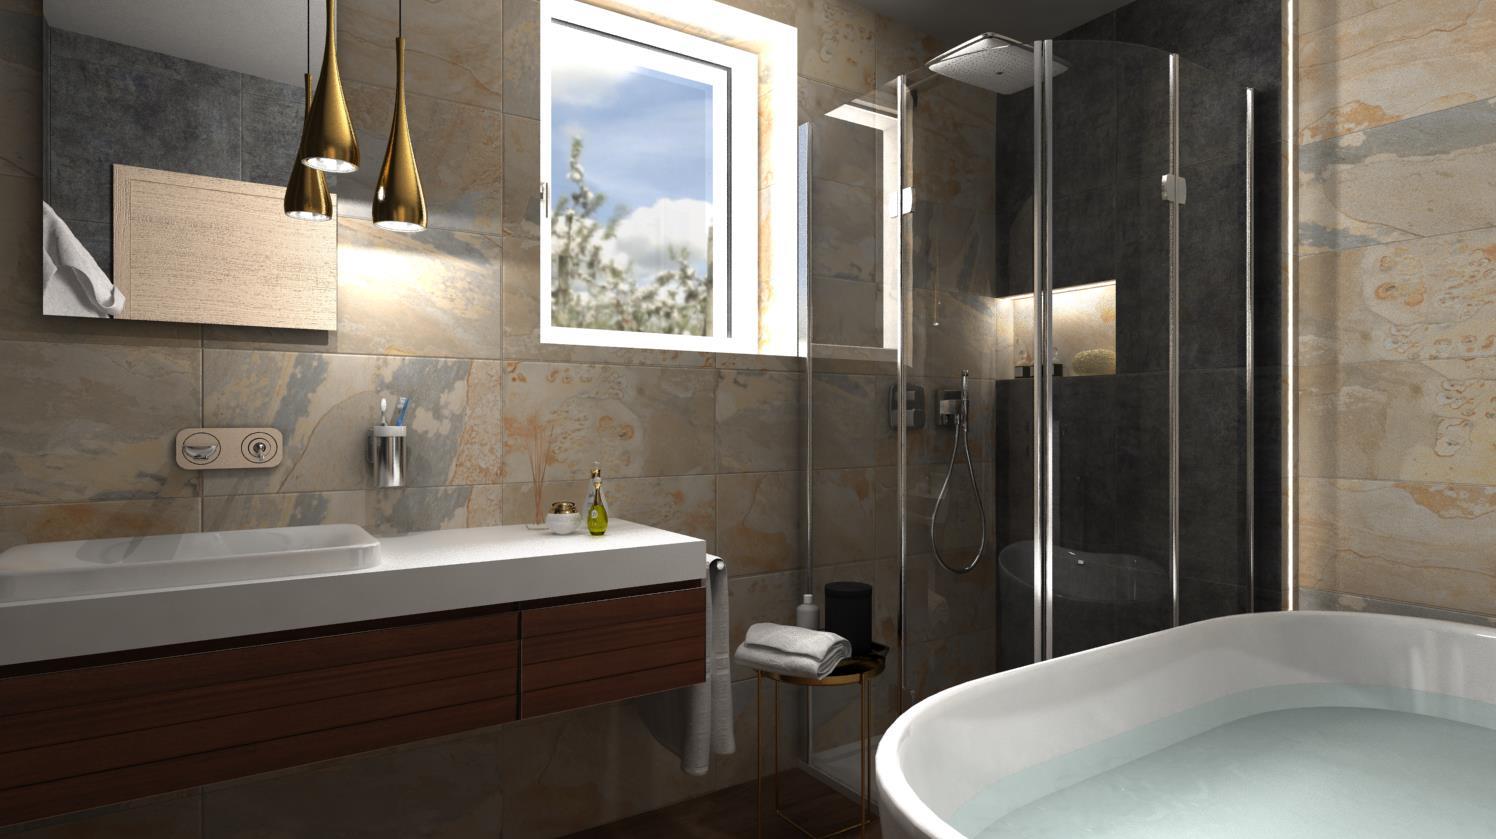 Vizualizácie kúpeľne - Obrázok č. 49